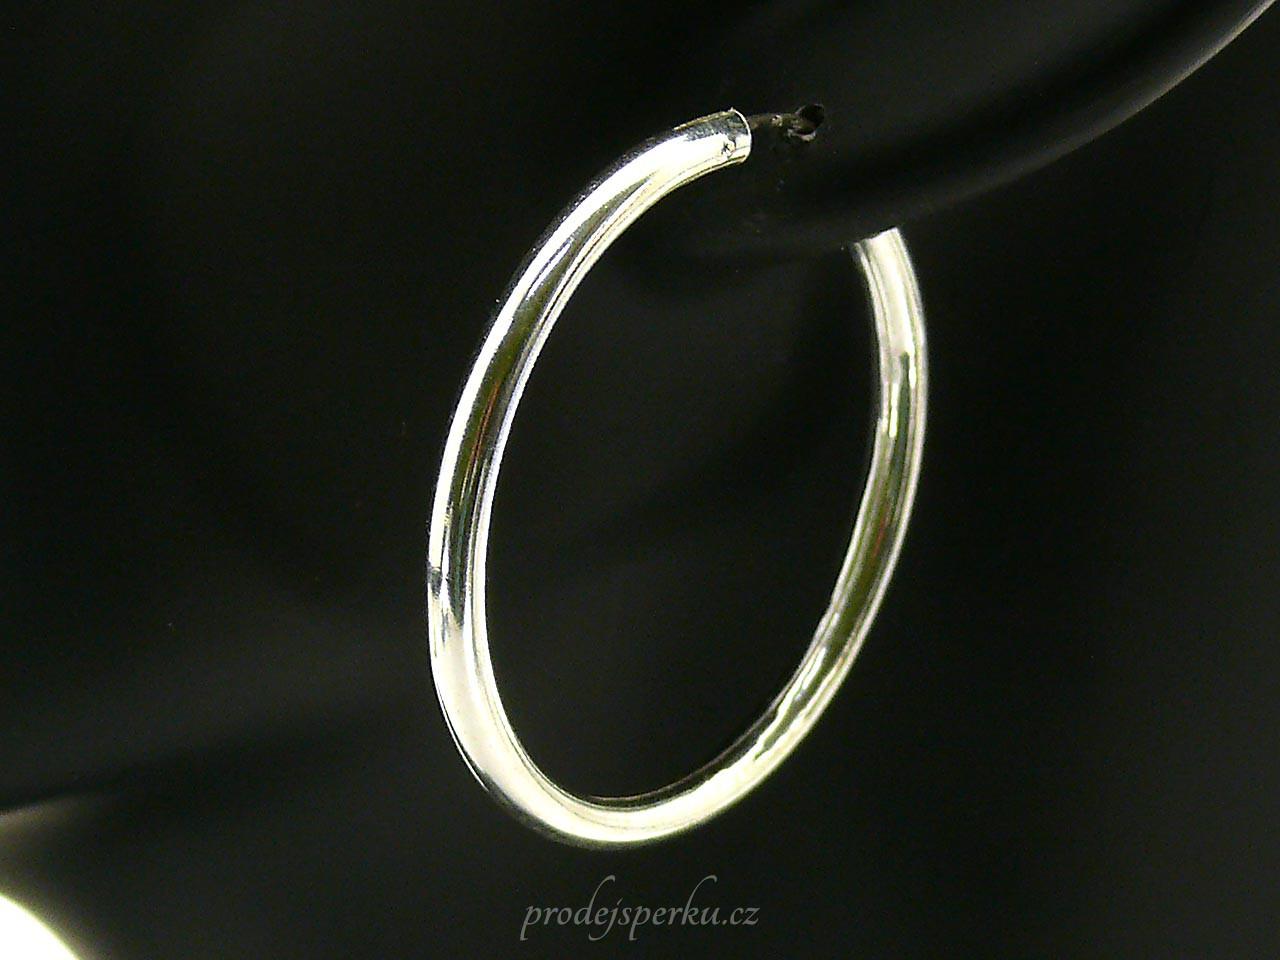 Kruhy hladké stříbrné náušnice 4cm - prodejsperku.cz 1f65c9f284f